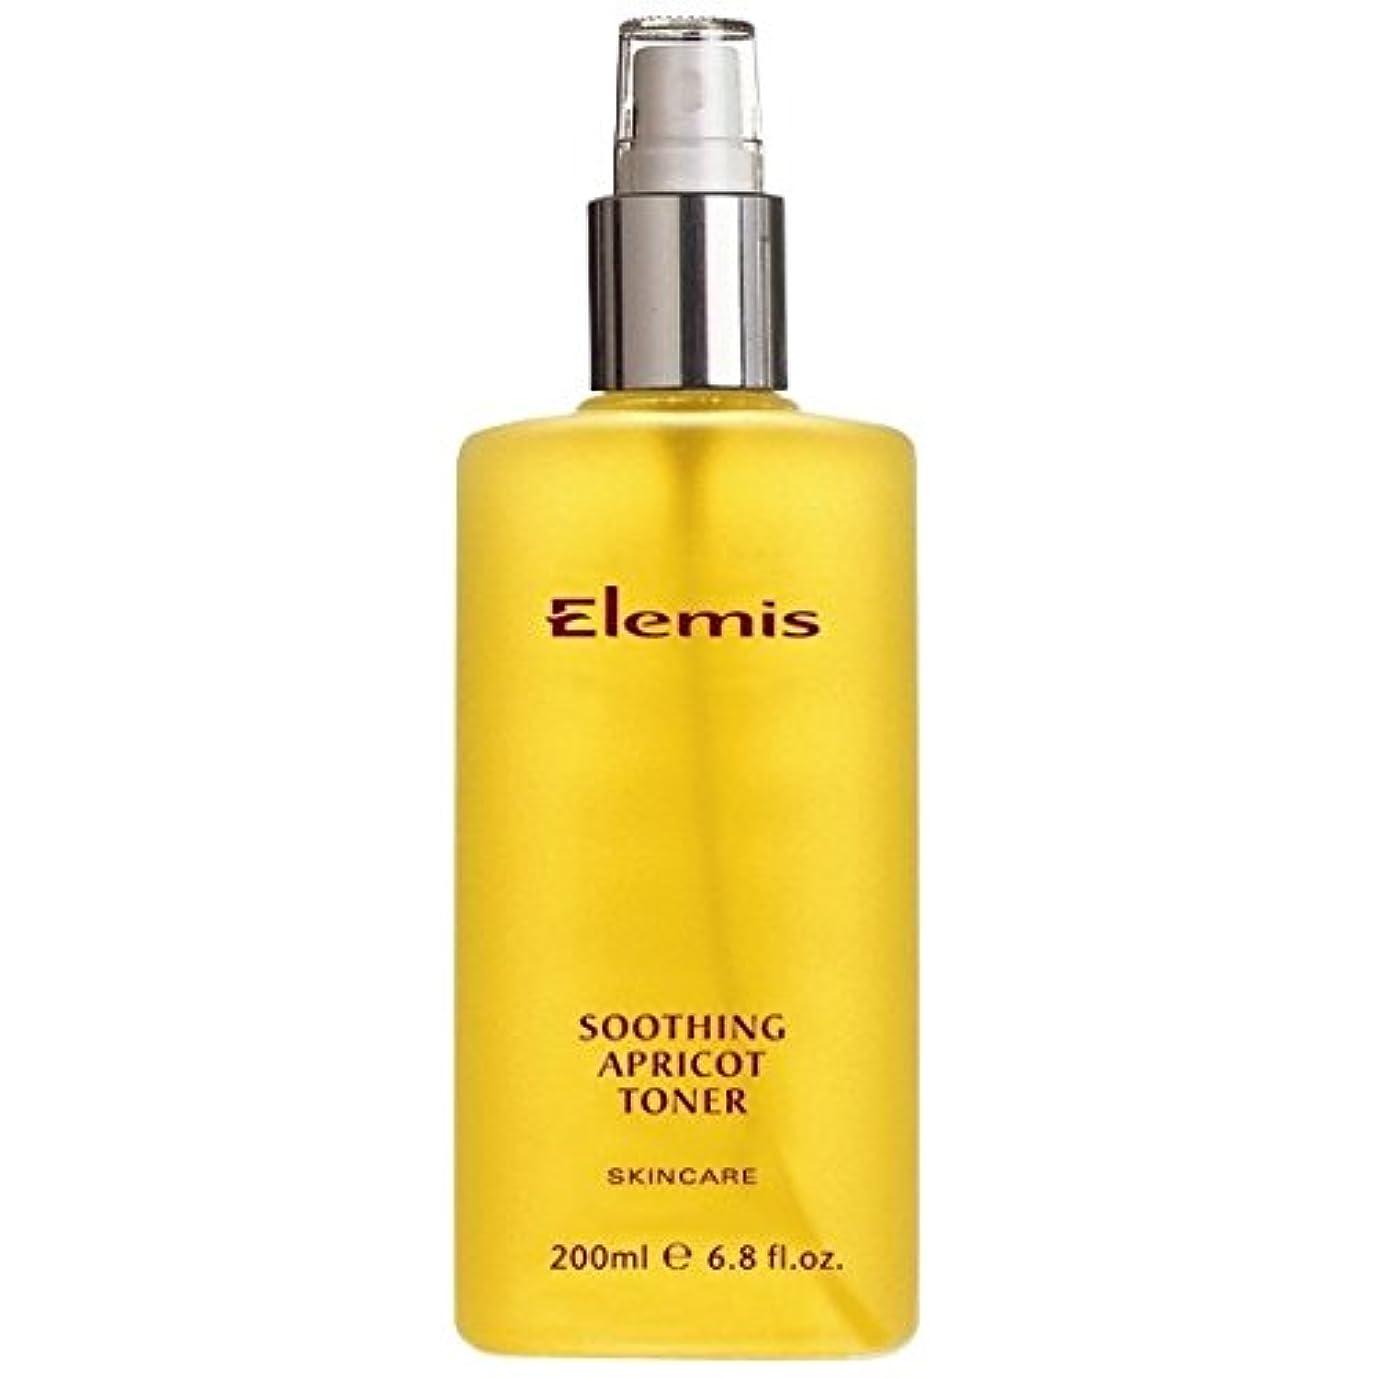 ロゴ比類なき混乱したエレミスはなだめるようなアプリコットトナーをスキンケア (Elemis) (x2) - Elemis Skincare Soothing Apricot Toner (Pack of 2) [並行輸入品]